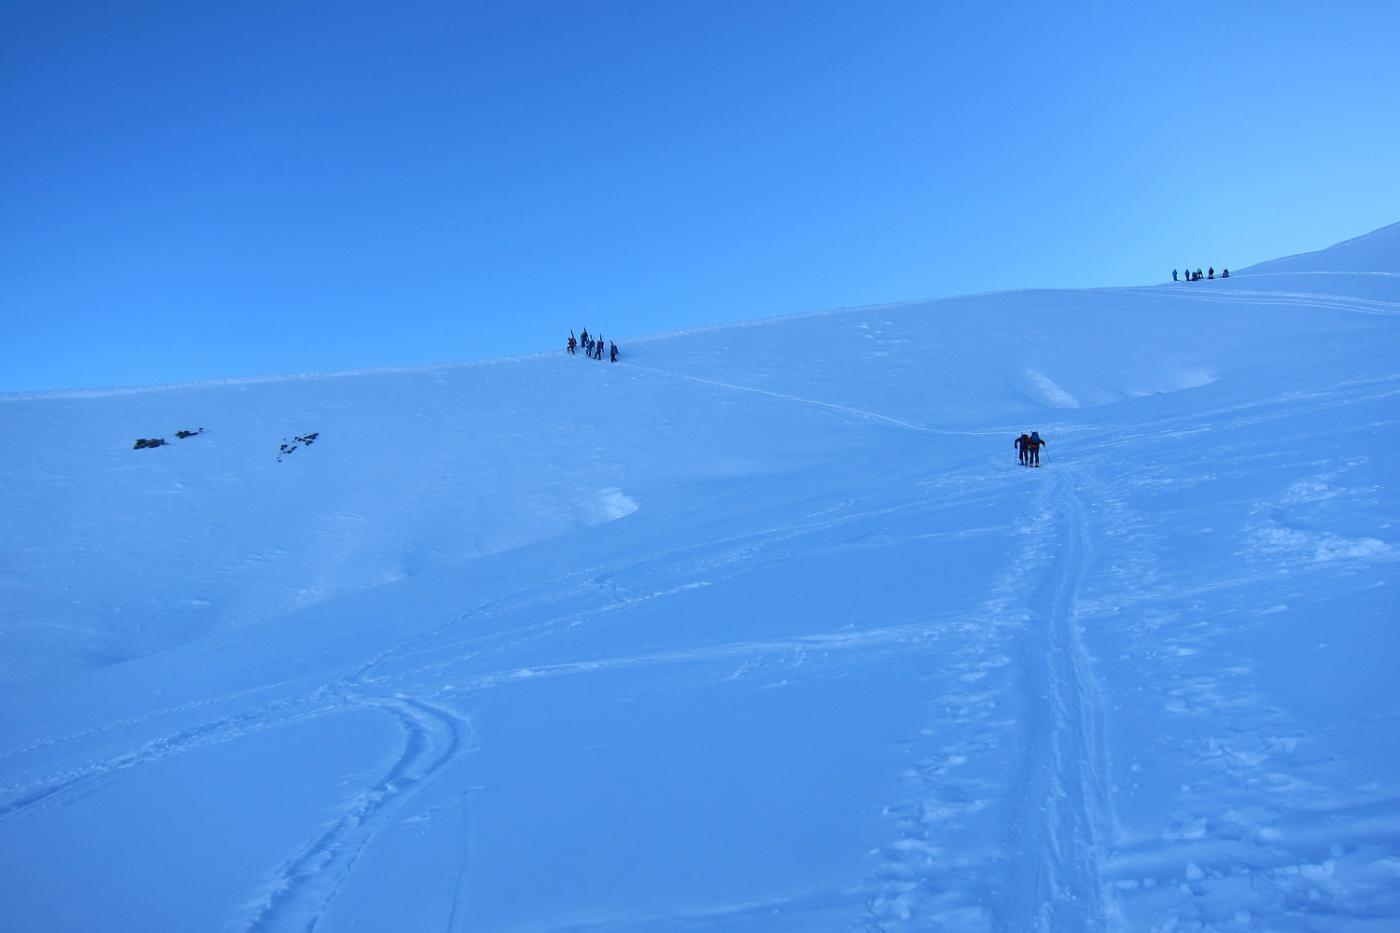 si lasciano gli sci